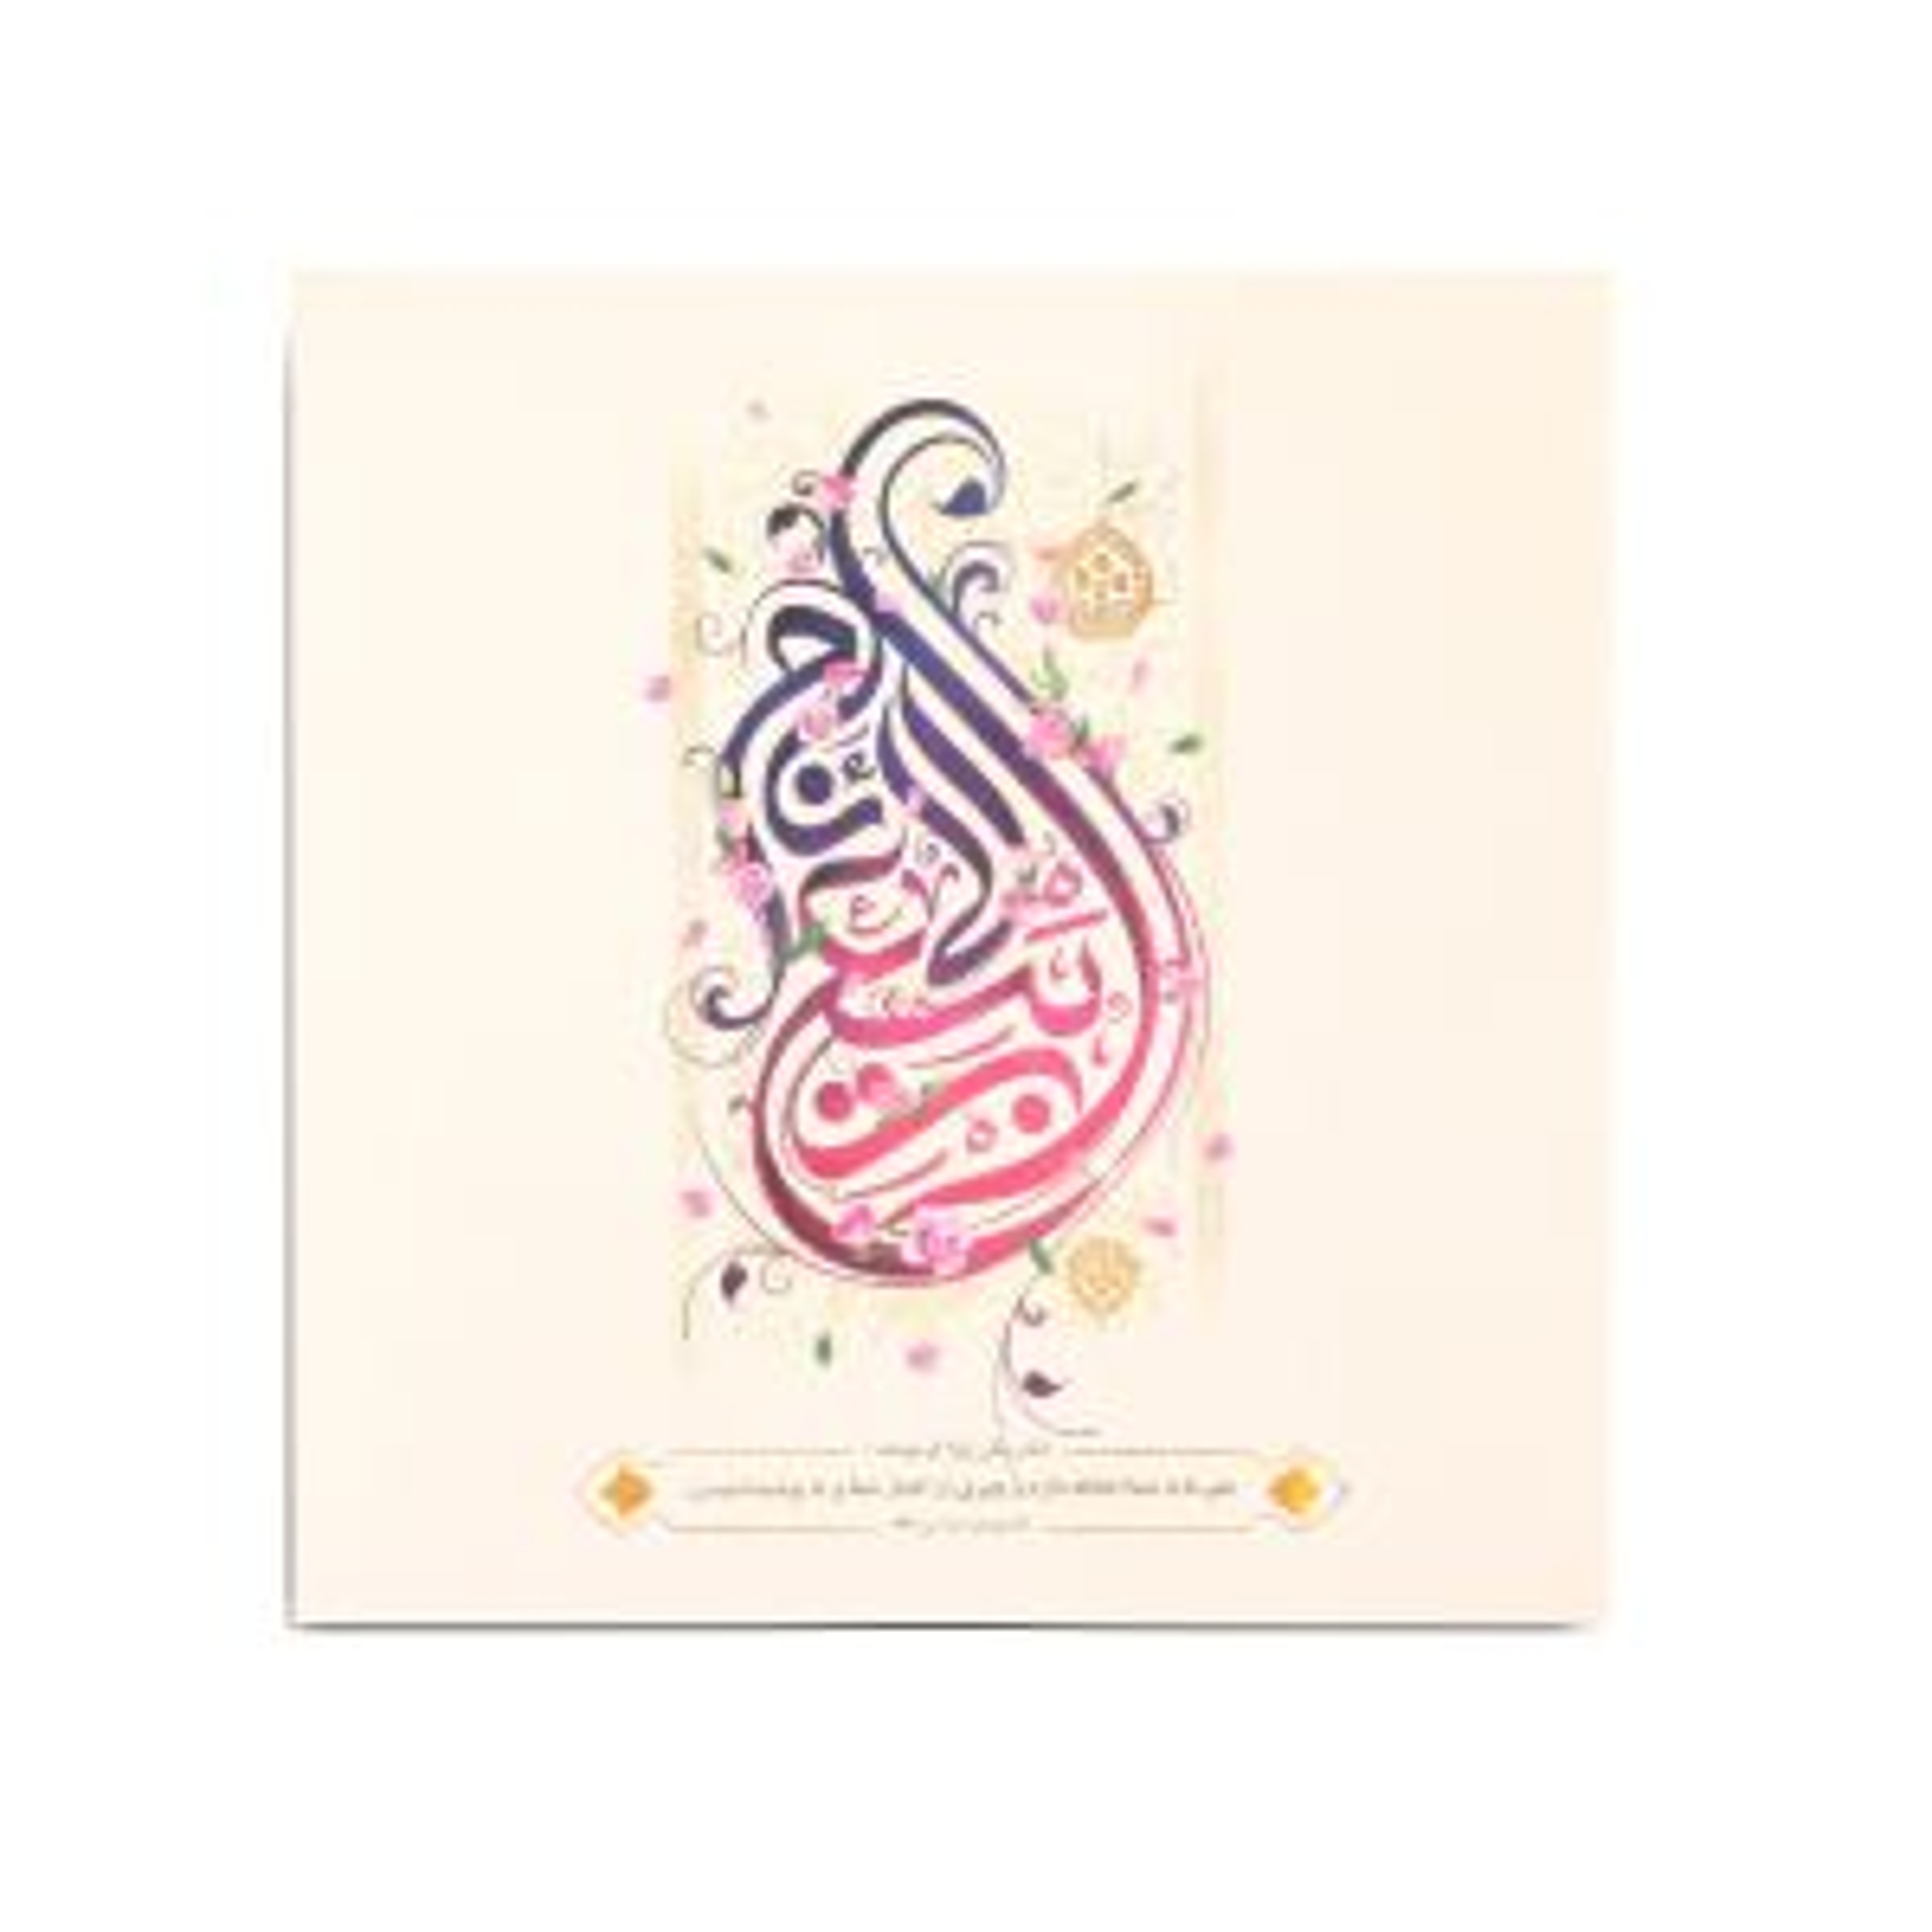 کارت دعوت طرح ربیع الانام کد 2000965 بسته 10 عددی